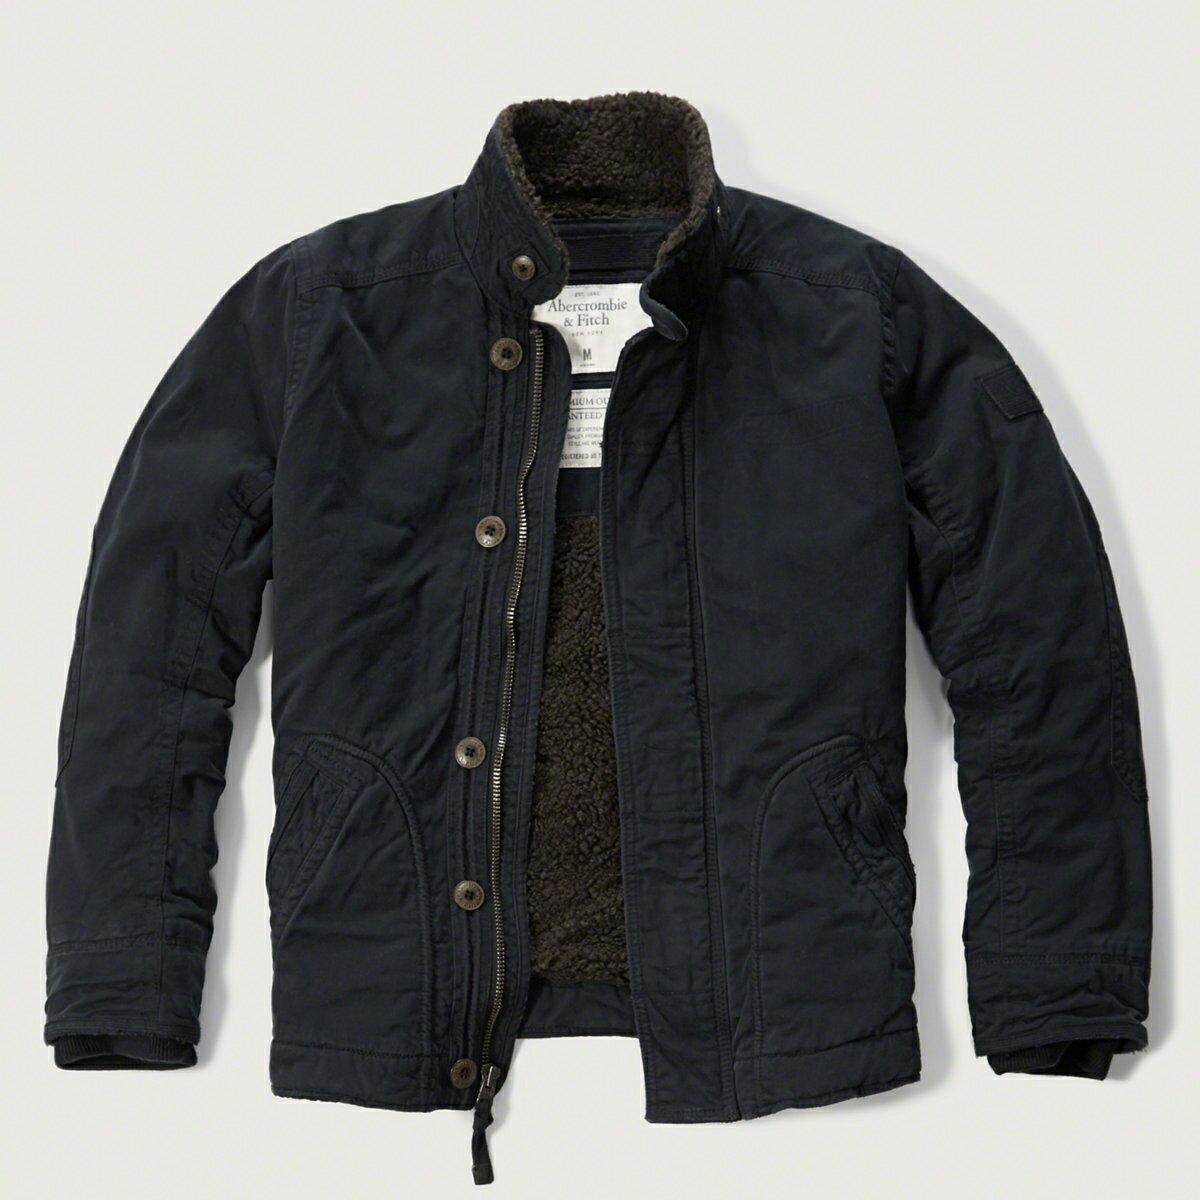 美國百分百【Abercrombie & Fitch】外套 AF 軍裝 夾克 麋鹿 鋪棉 刷厚毛 立領 深藍 S M L XL號 F971